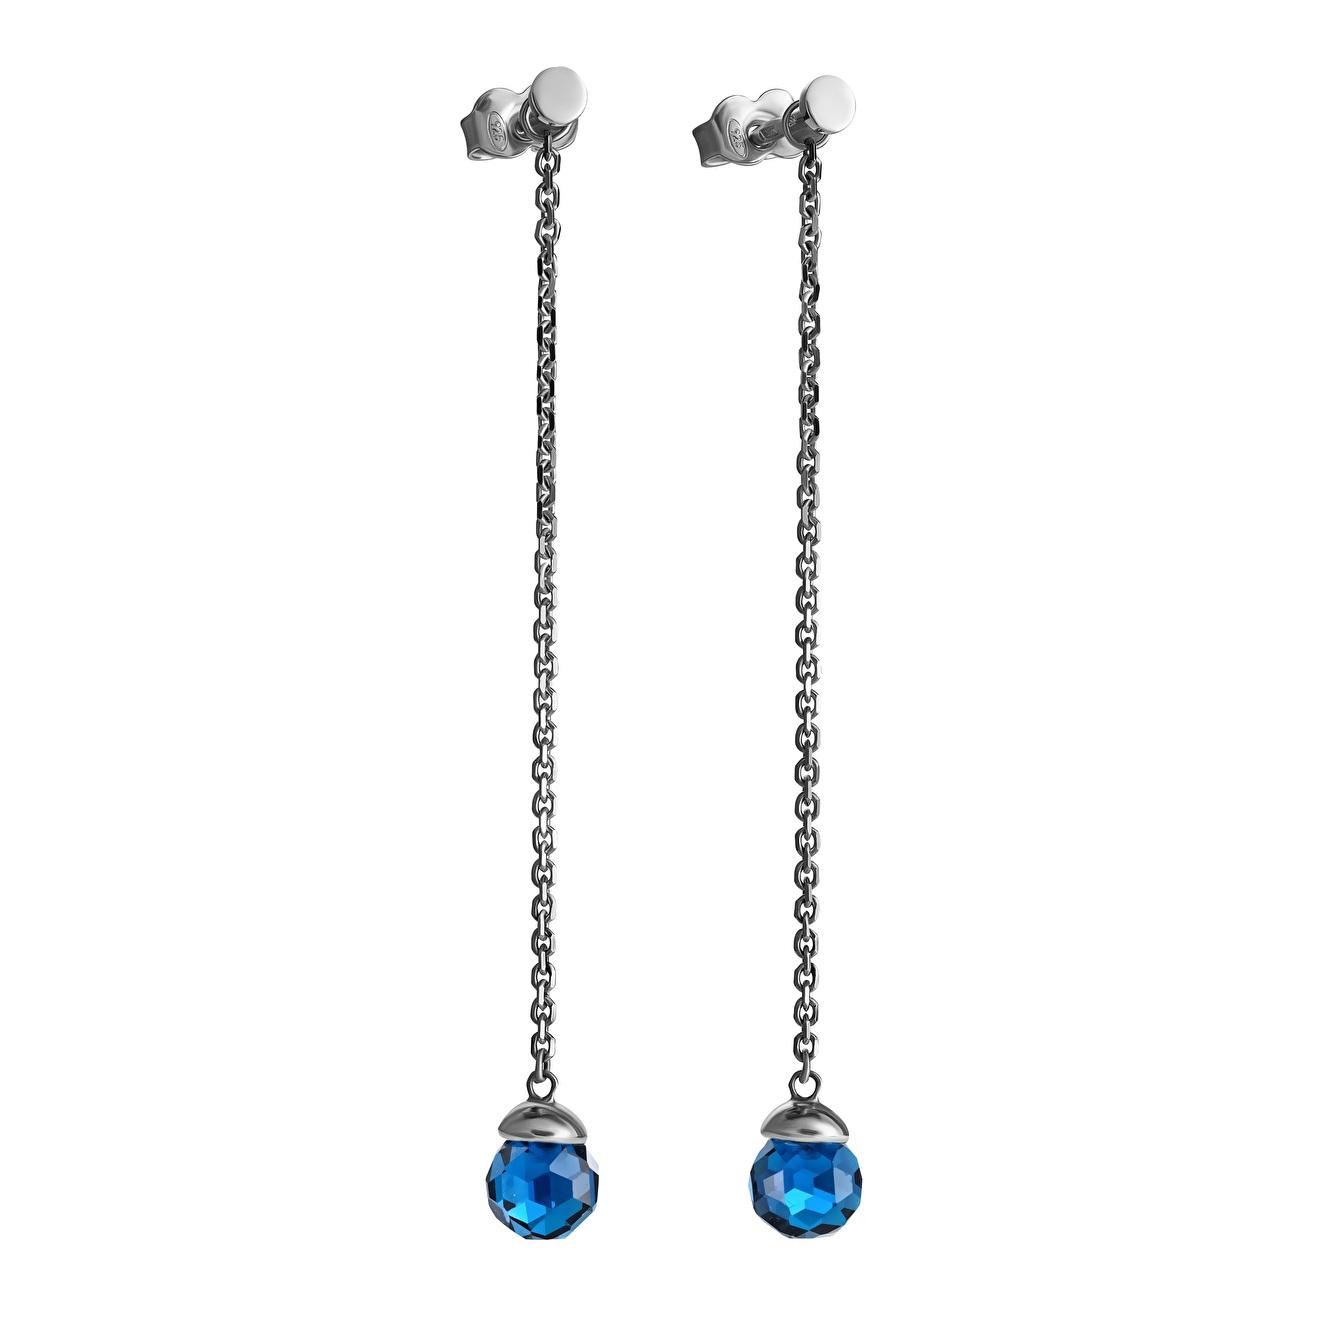 серебряные длинные серьги с узорами Aleksandr Sinitsyn Серебряные серьги «Голубика» с синей шпинелью